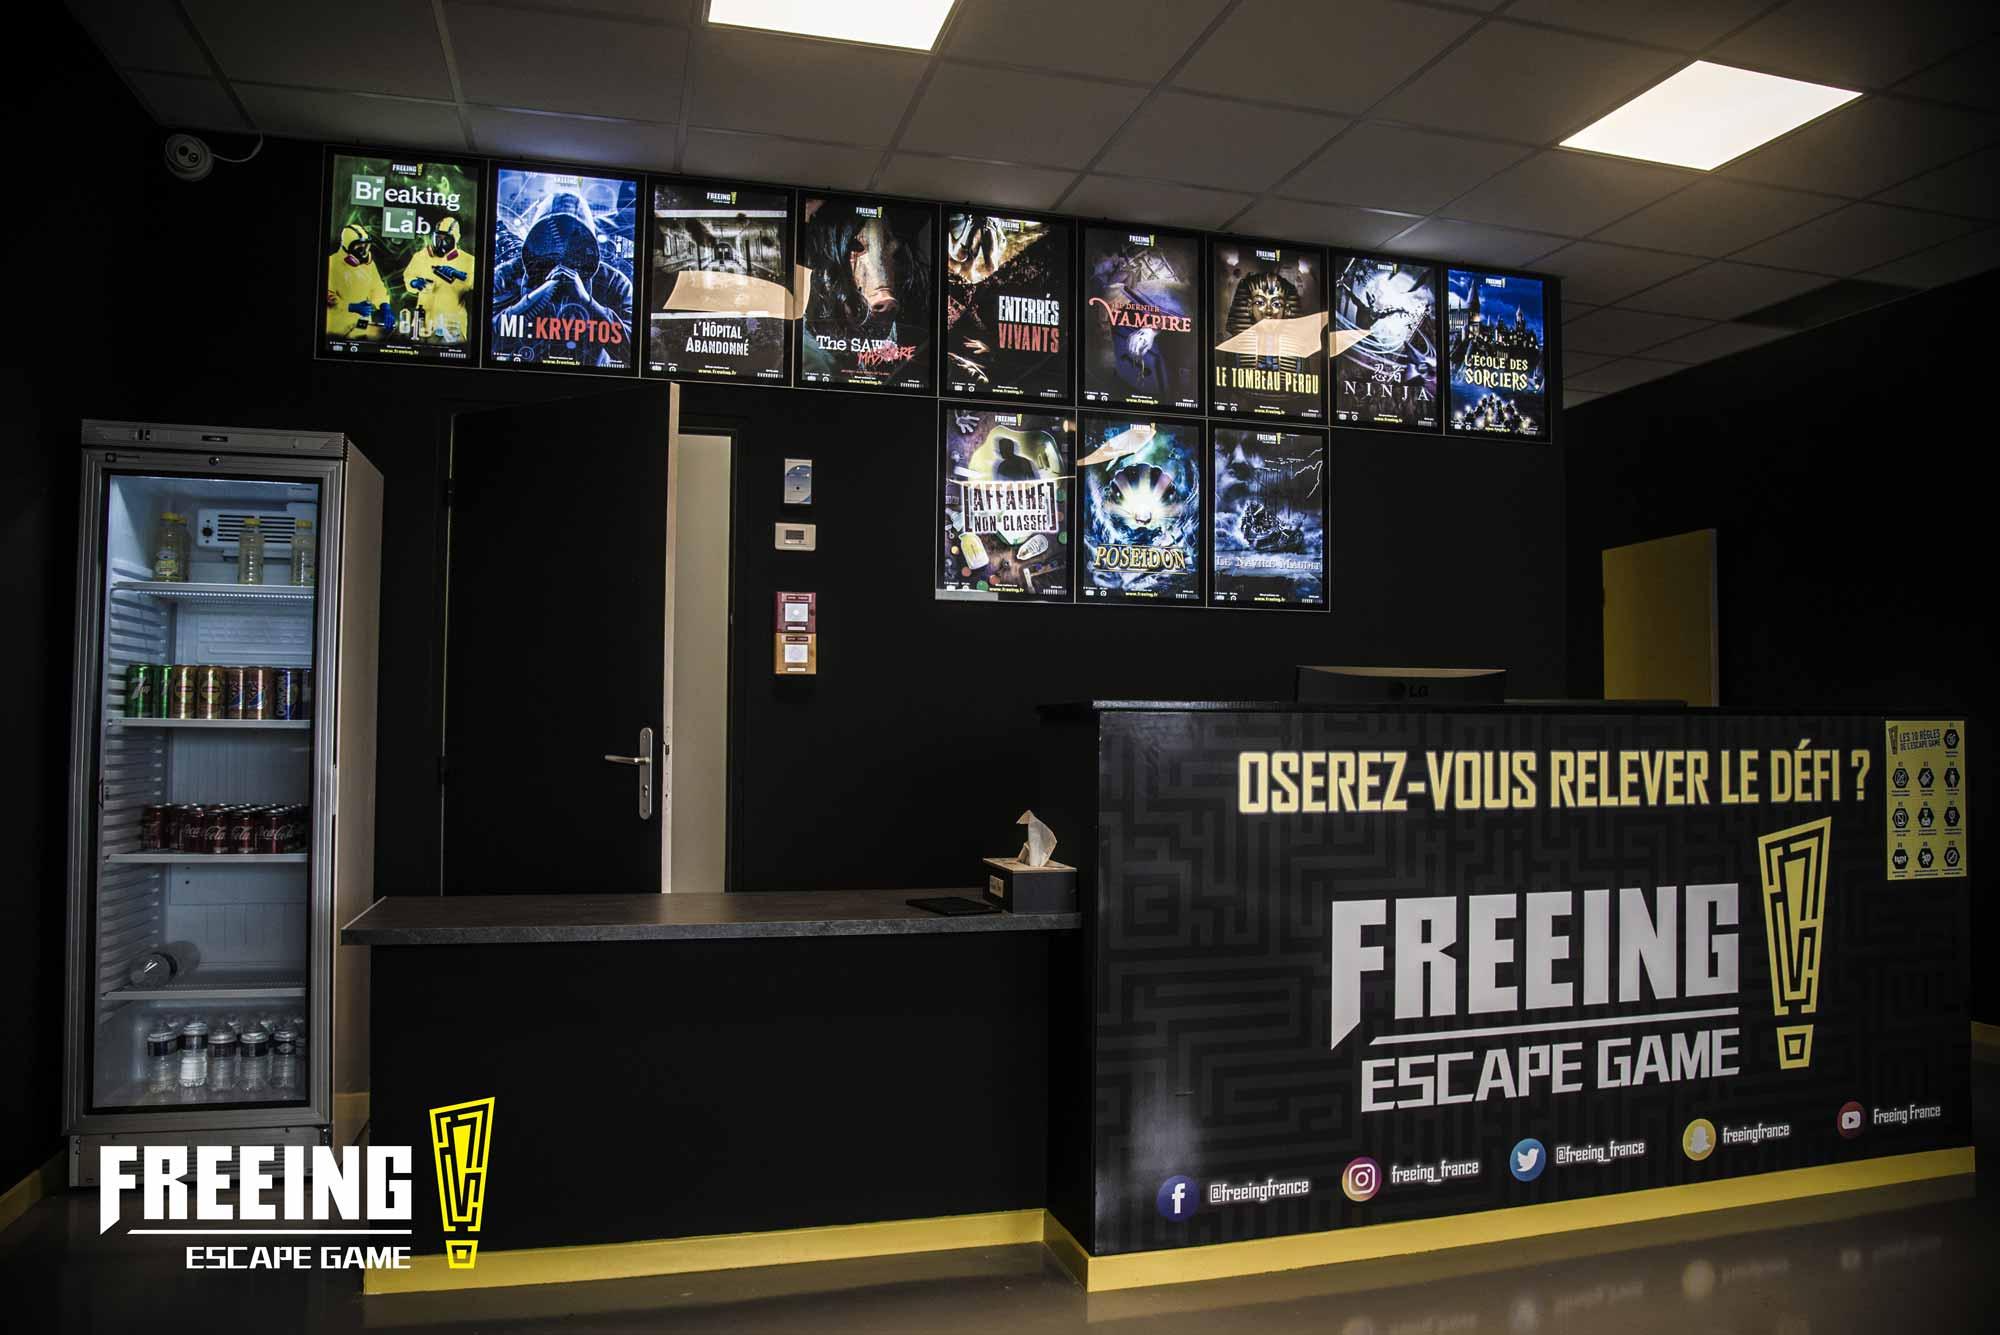 Freeing-21